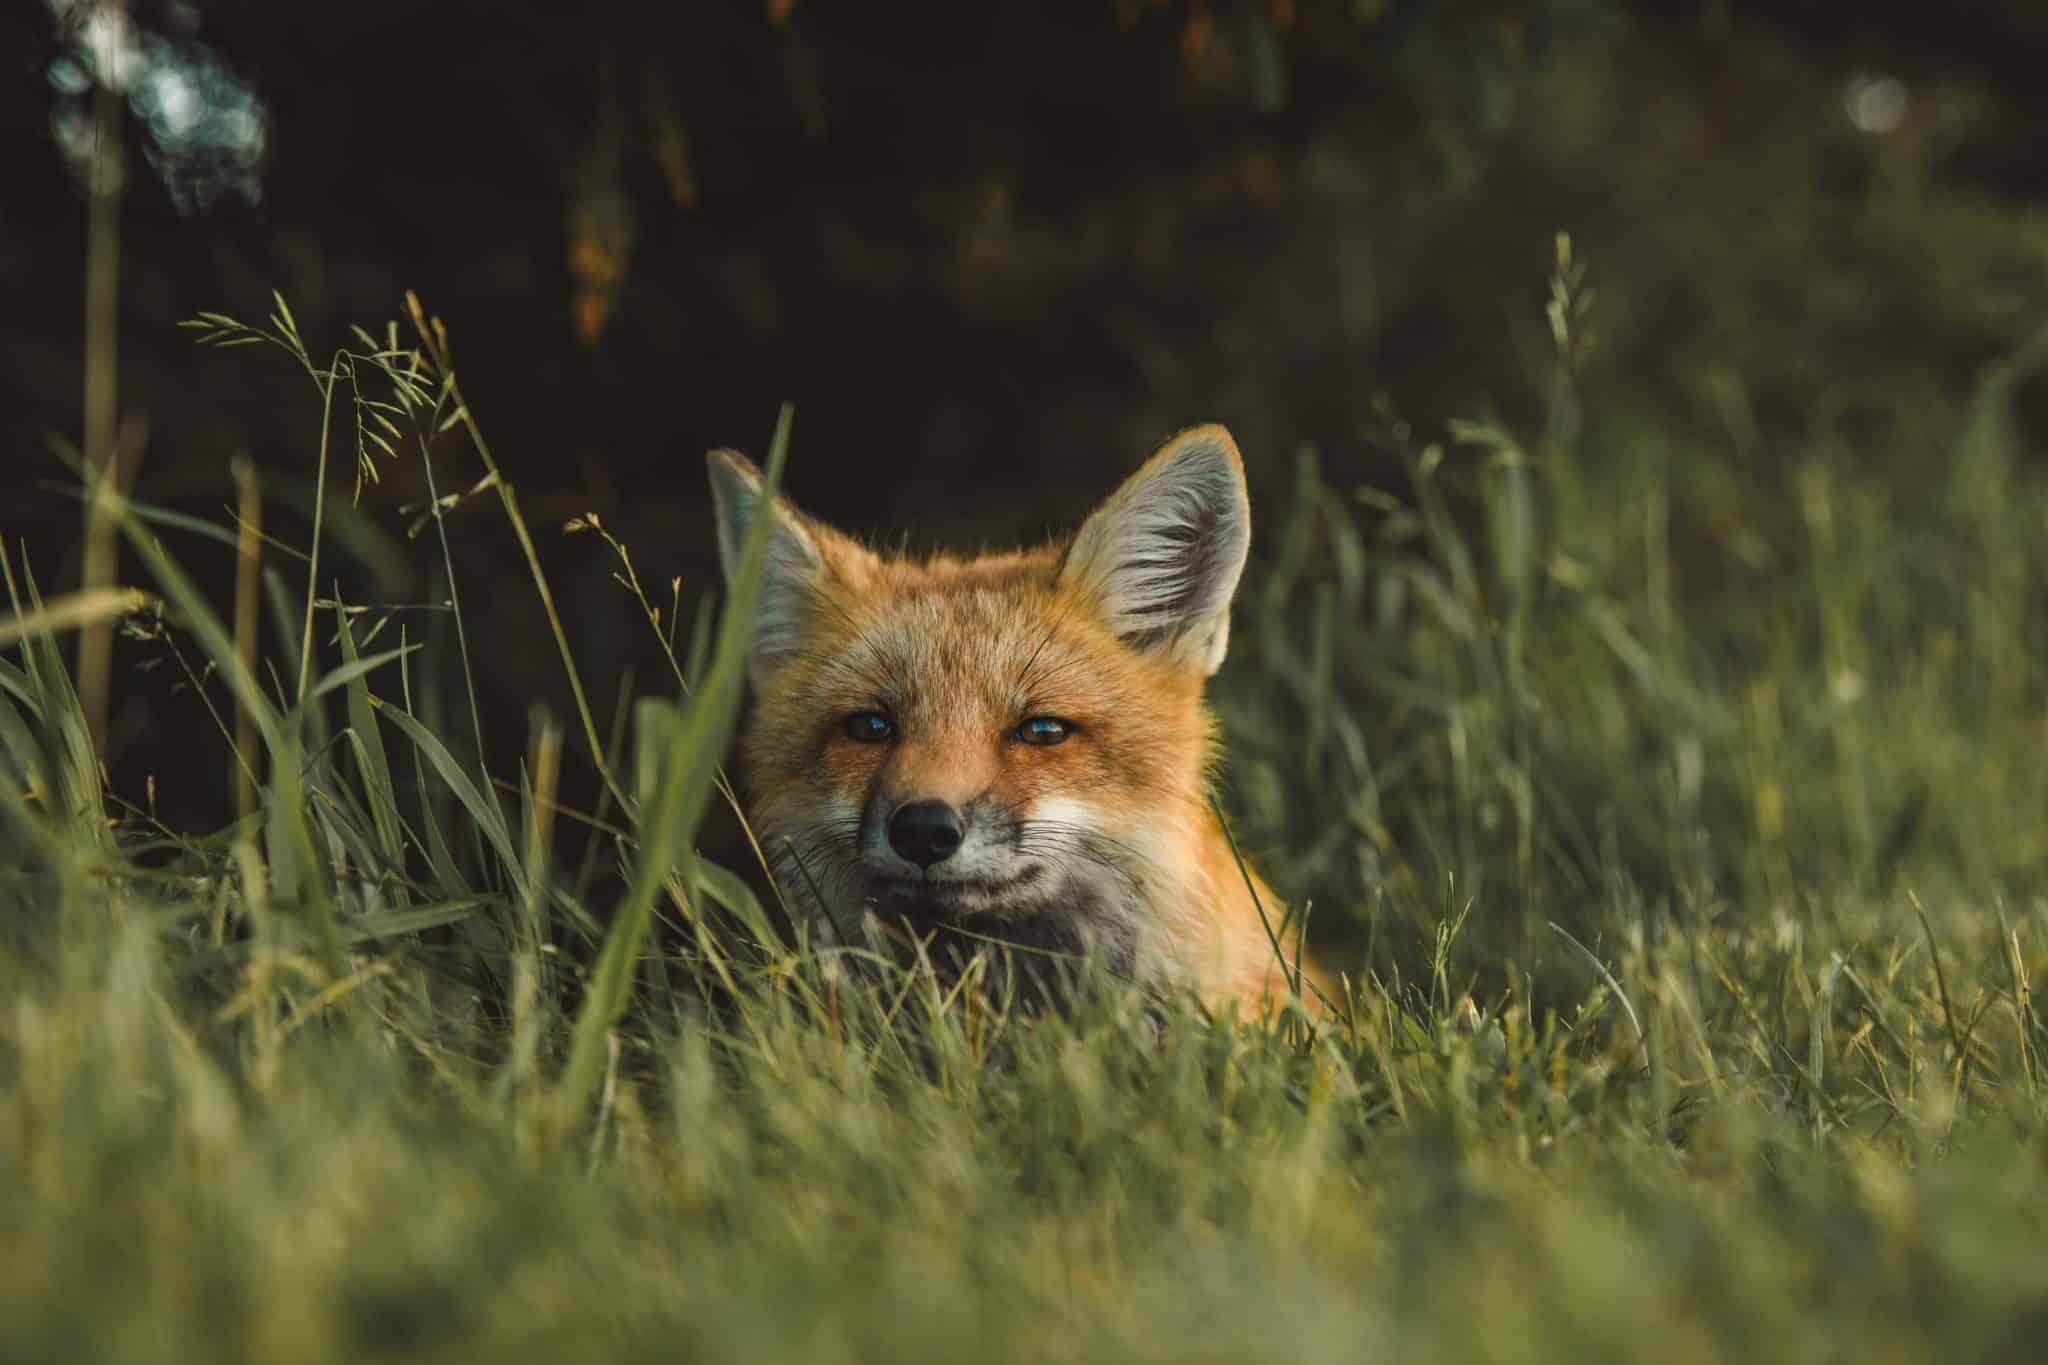 A medium shot of a red fox hiding behind tall, overgrown grass.